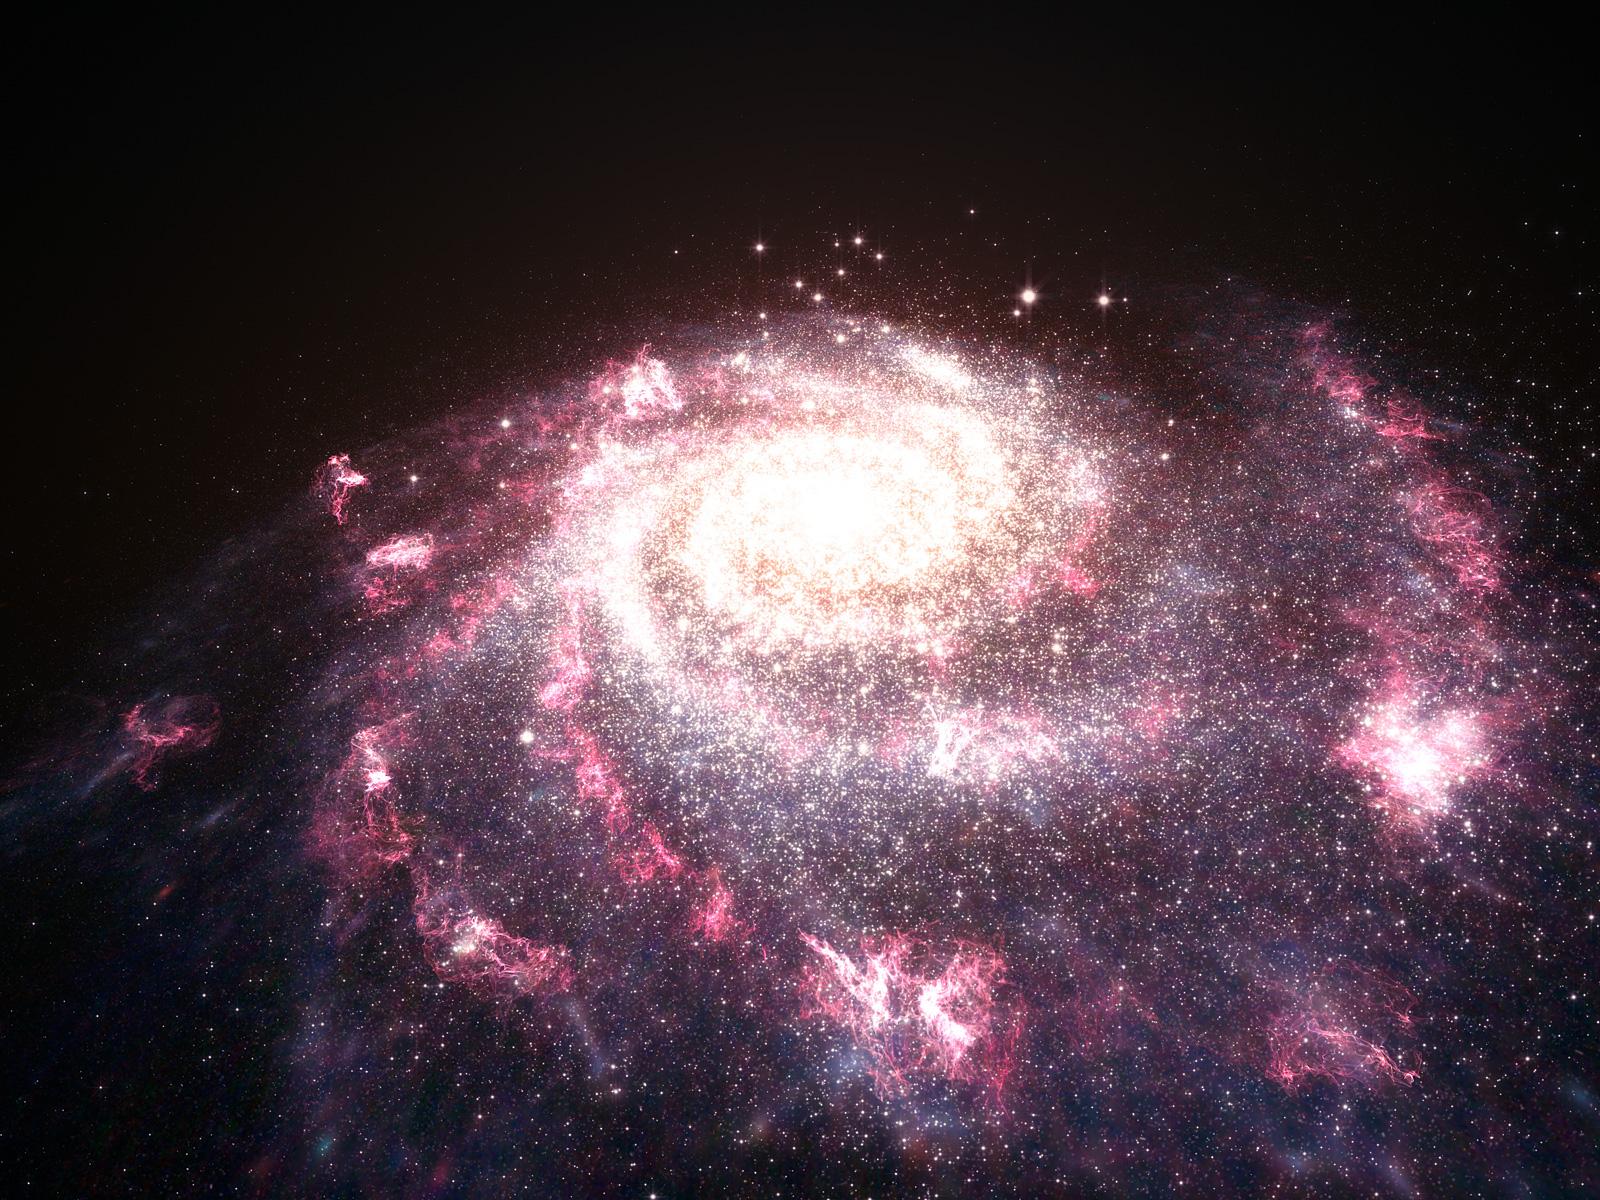 Galaxy Undergoing a Starburst Artist's Impression space wallpaper